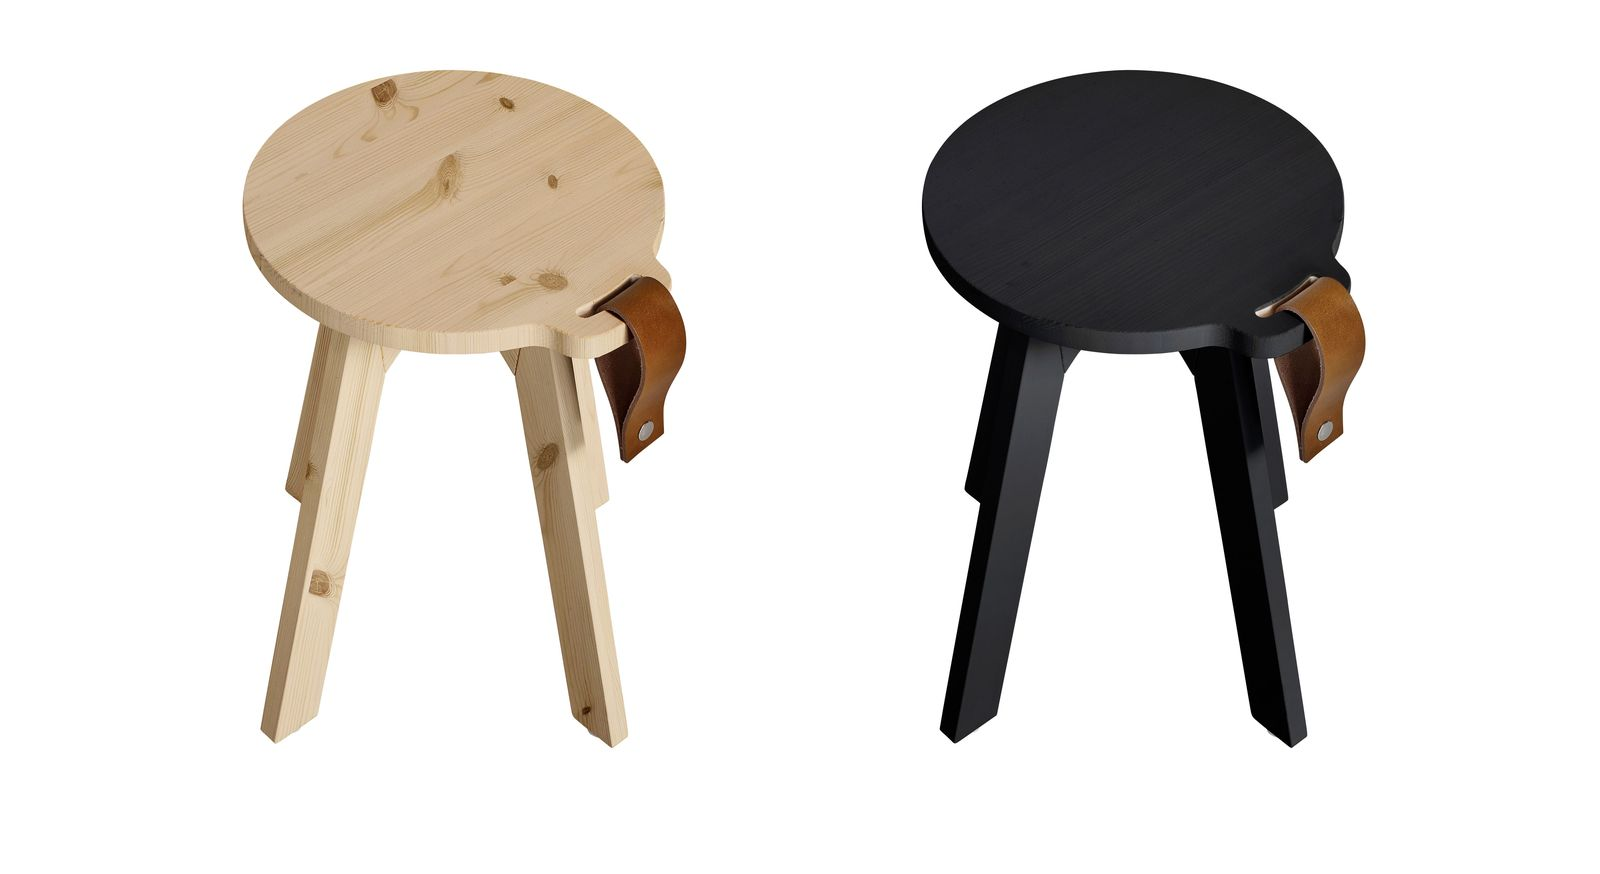 Nachttisch Liri aus naturfarbener und schwarzer Kiefer